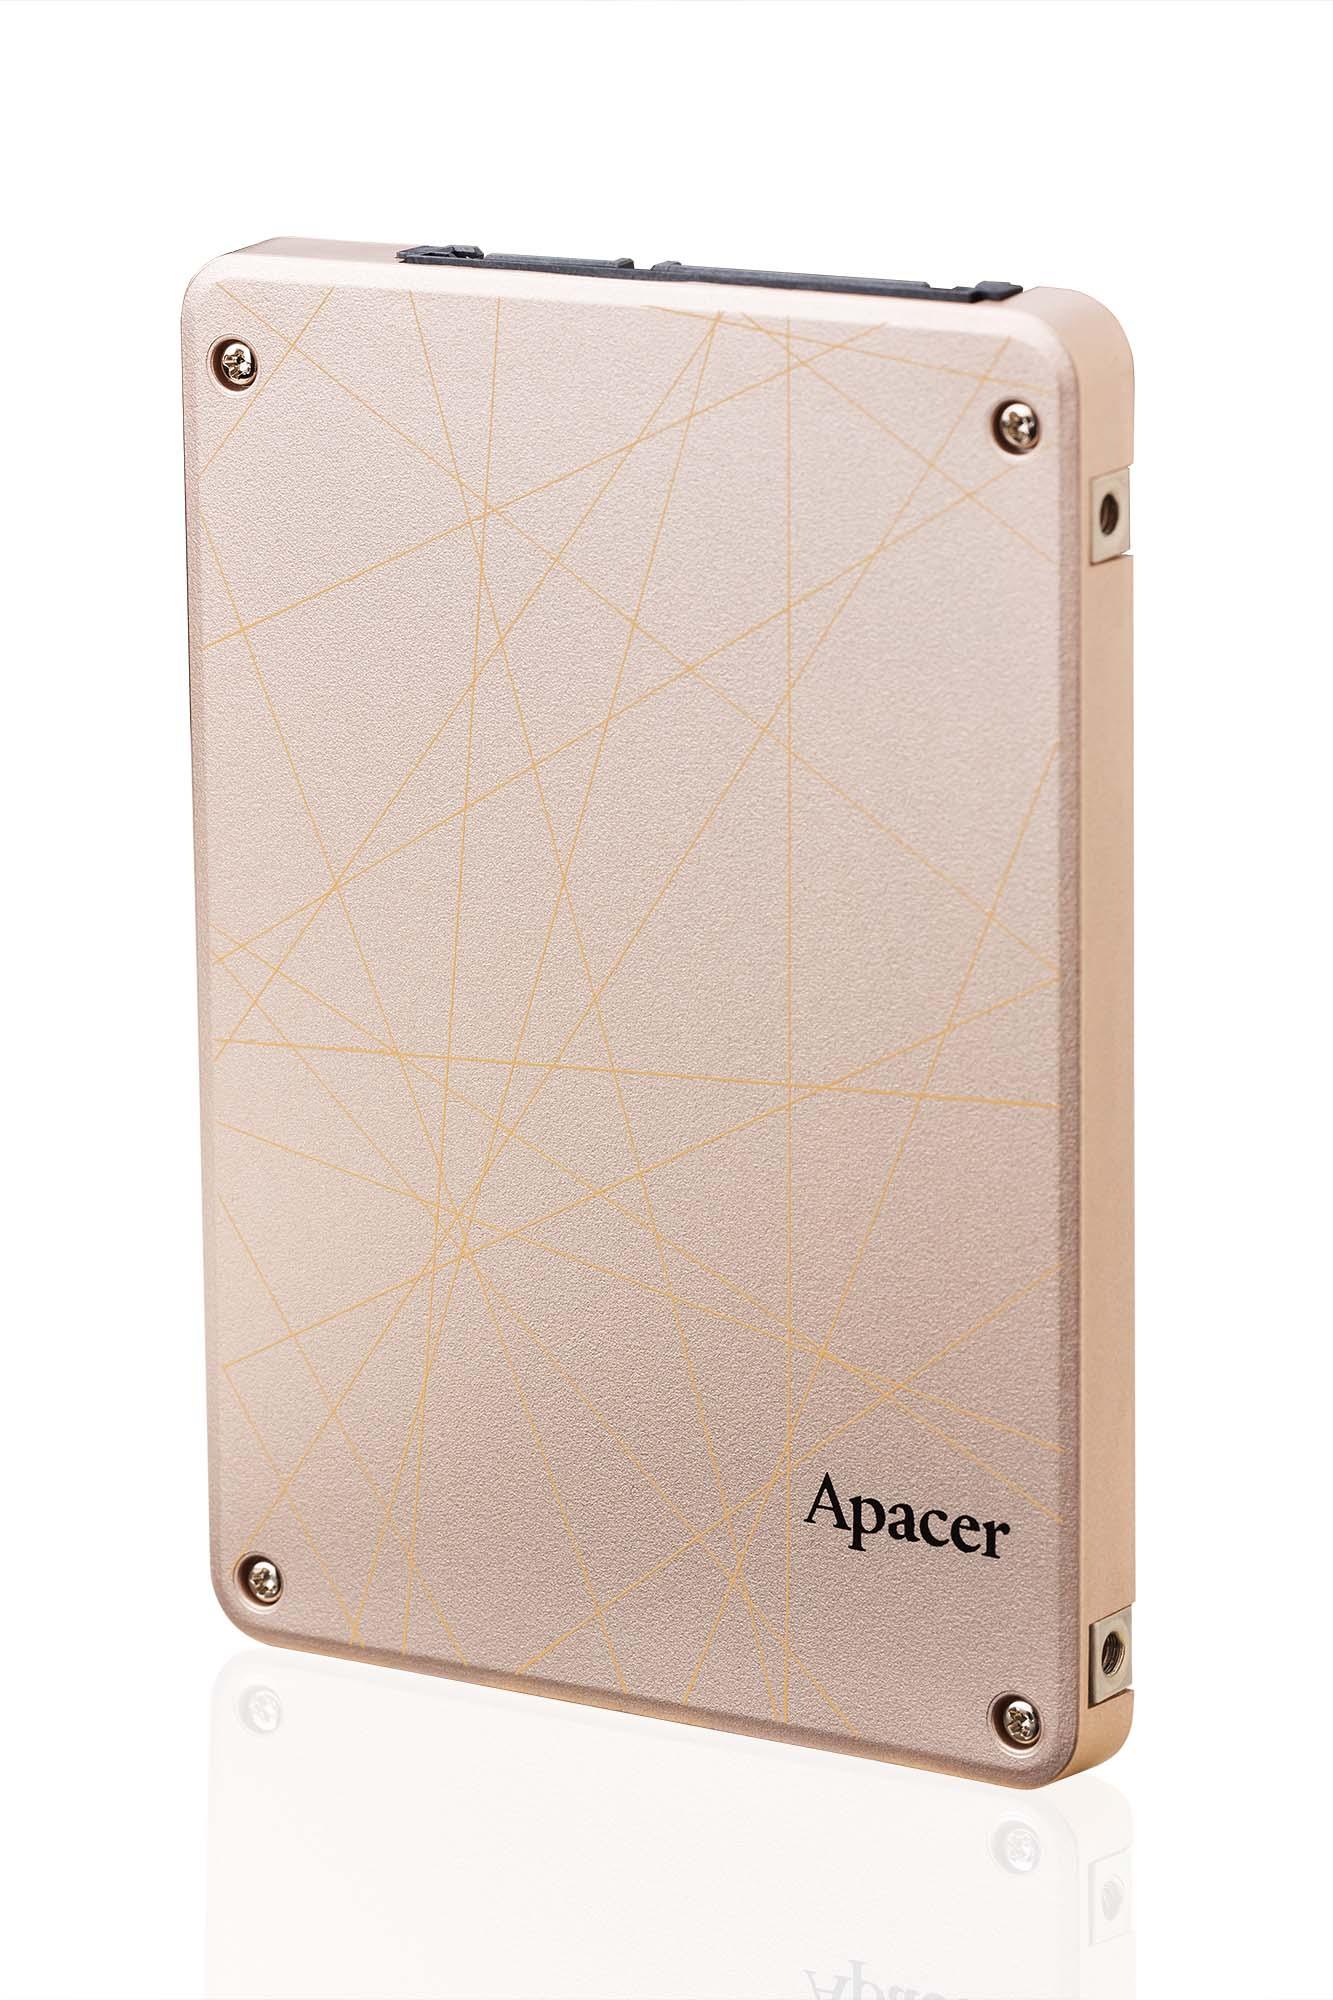 02 3 - Apacer AS720: Ổ đĩa SSD có giao diện truyền dữ liệu kép đầu tiên trên thế giới